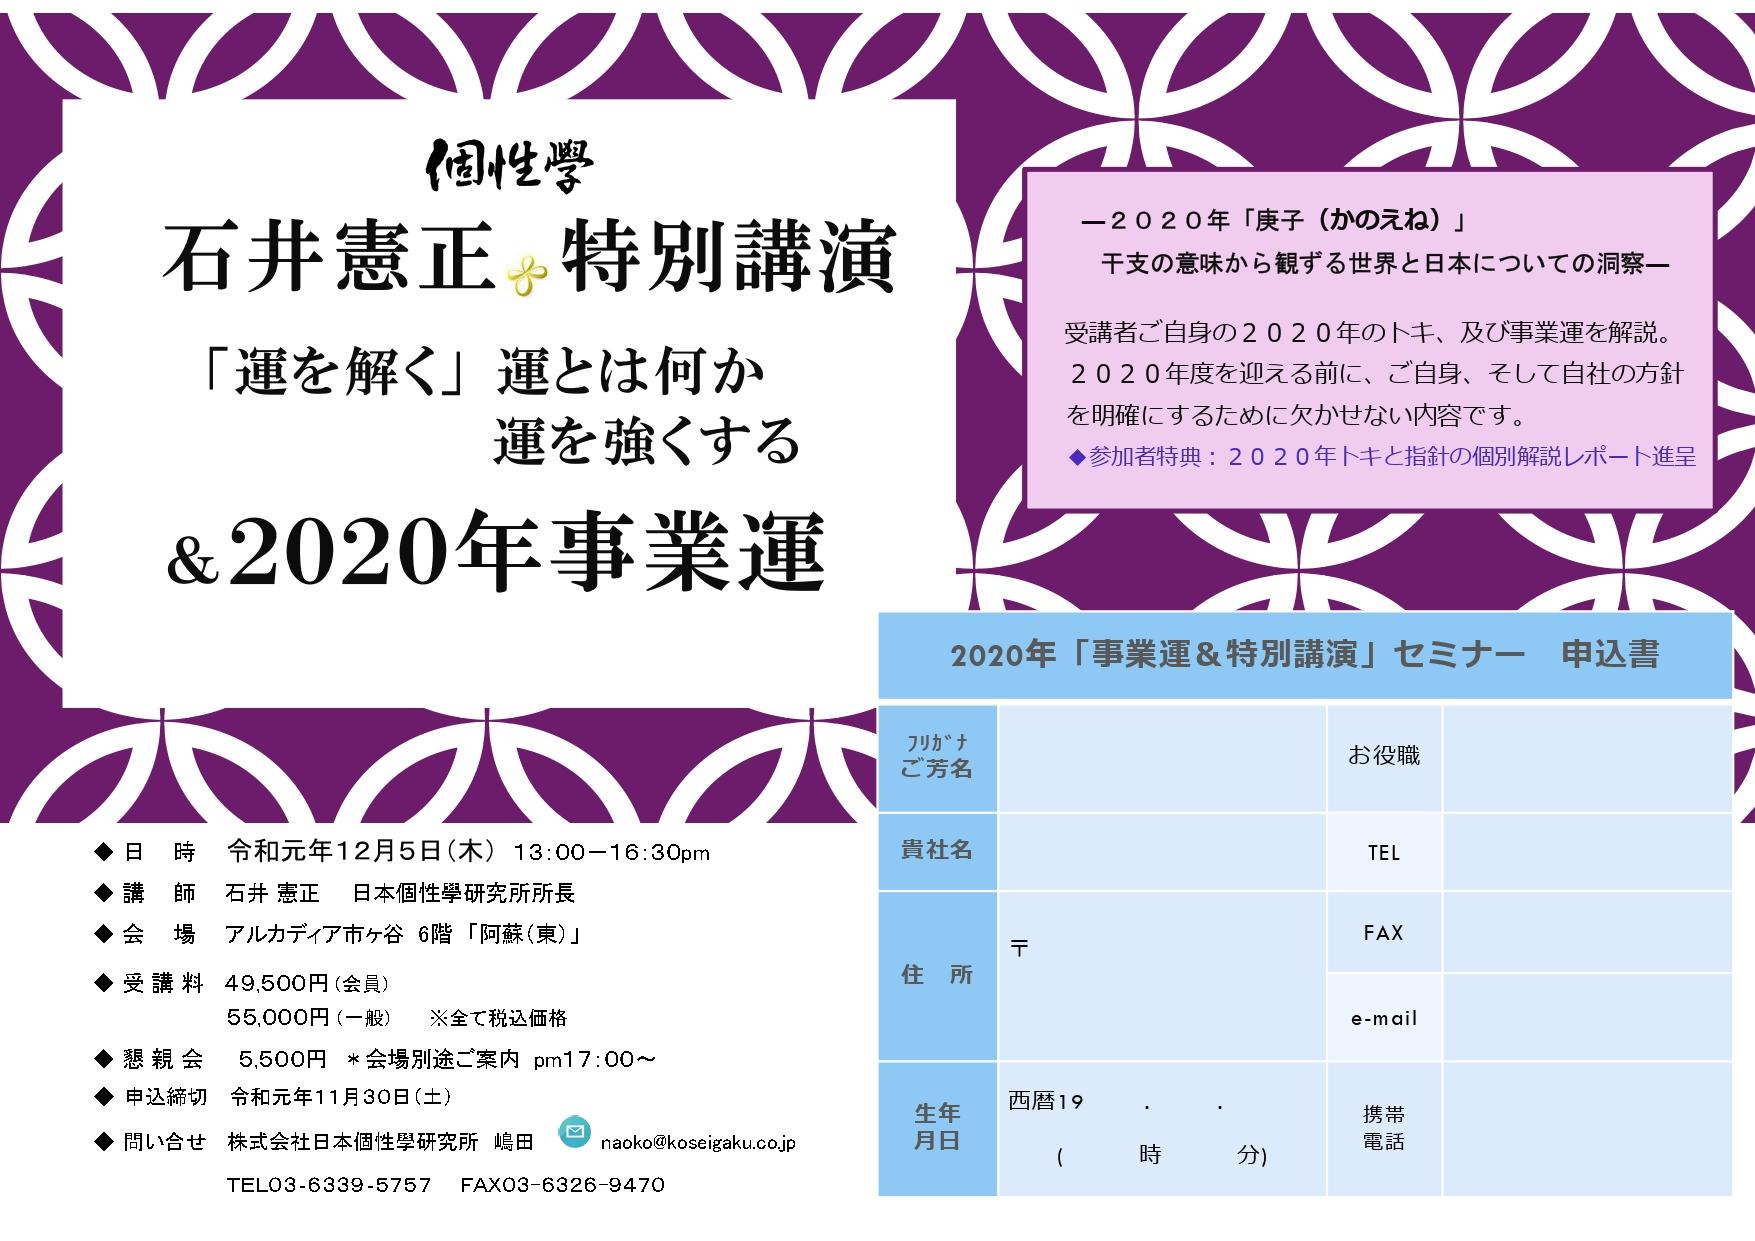 2020年事業運&特別公演